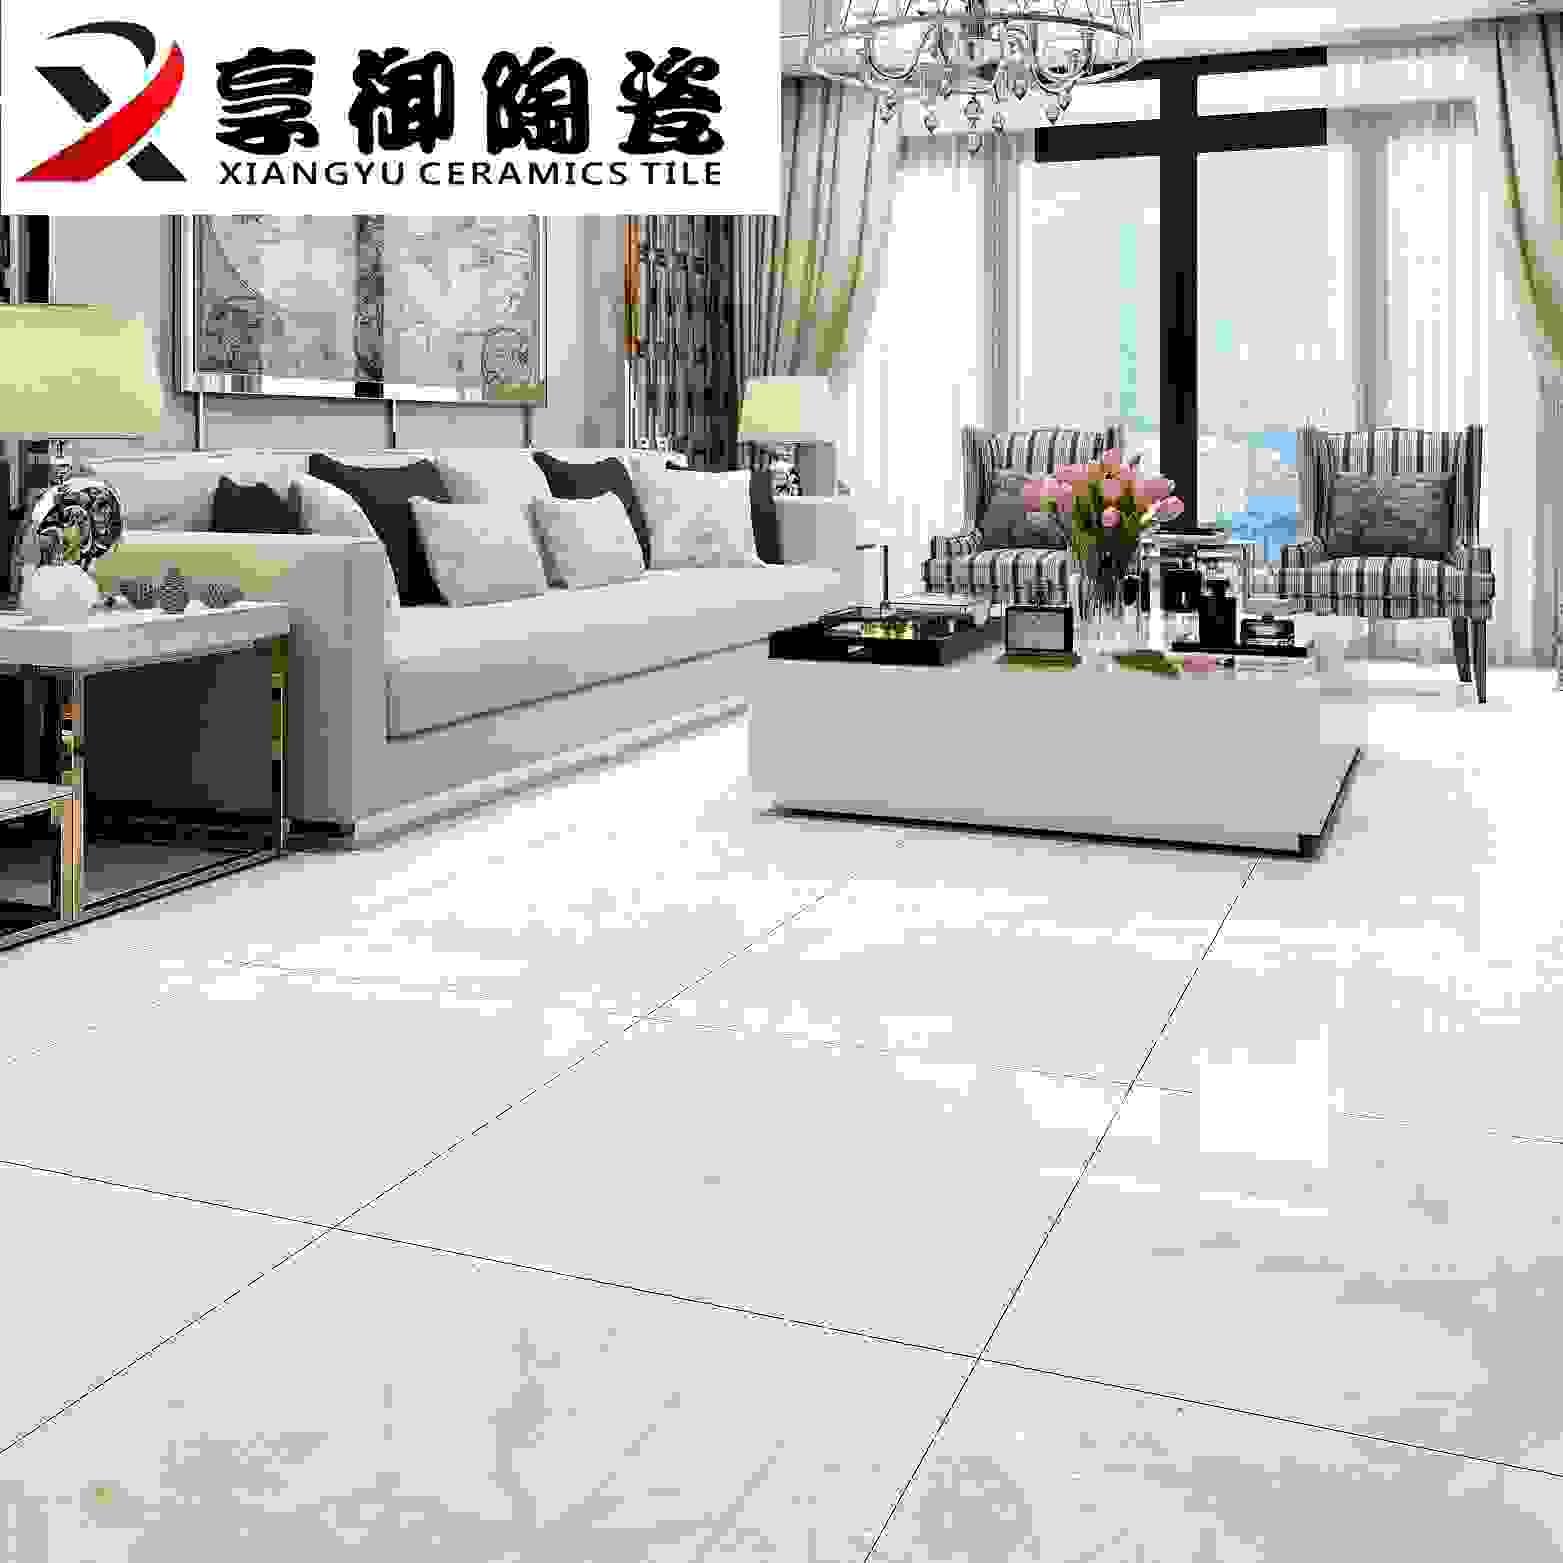 800 800 全抛釉客厅卧室地面 瓷砖 地板砖 雪山玉石